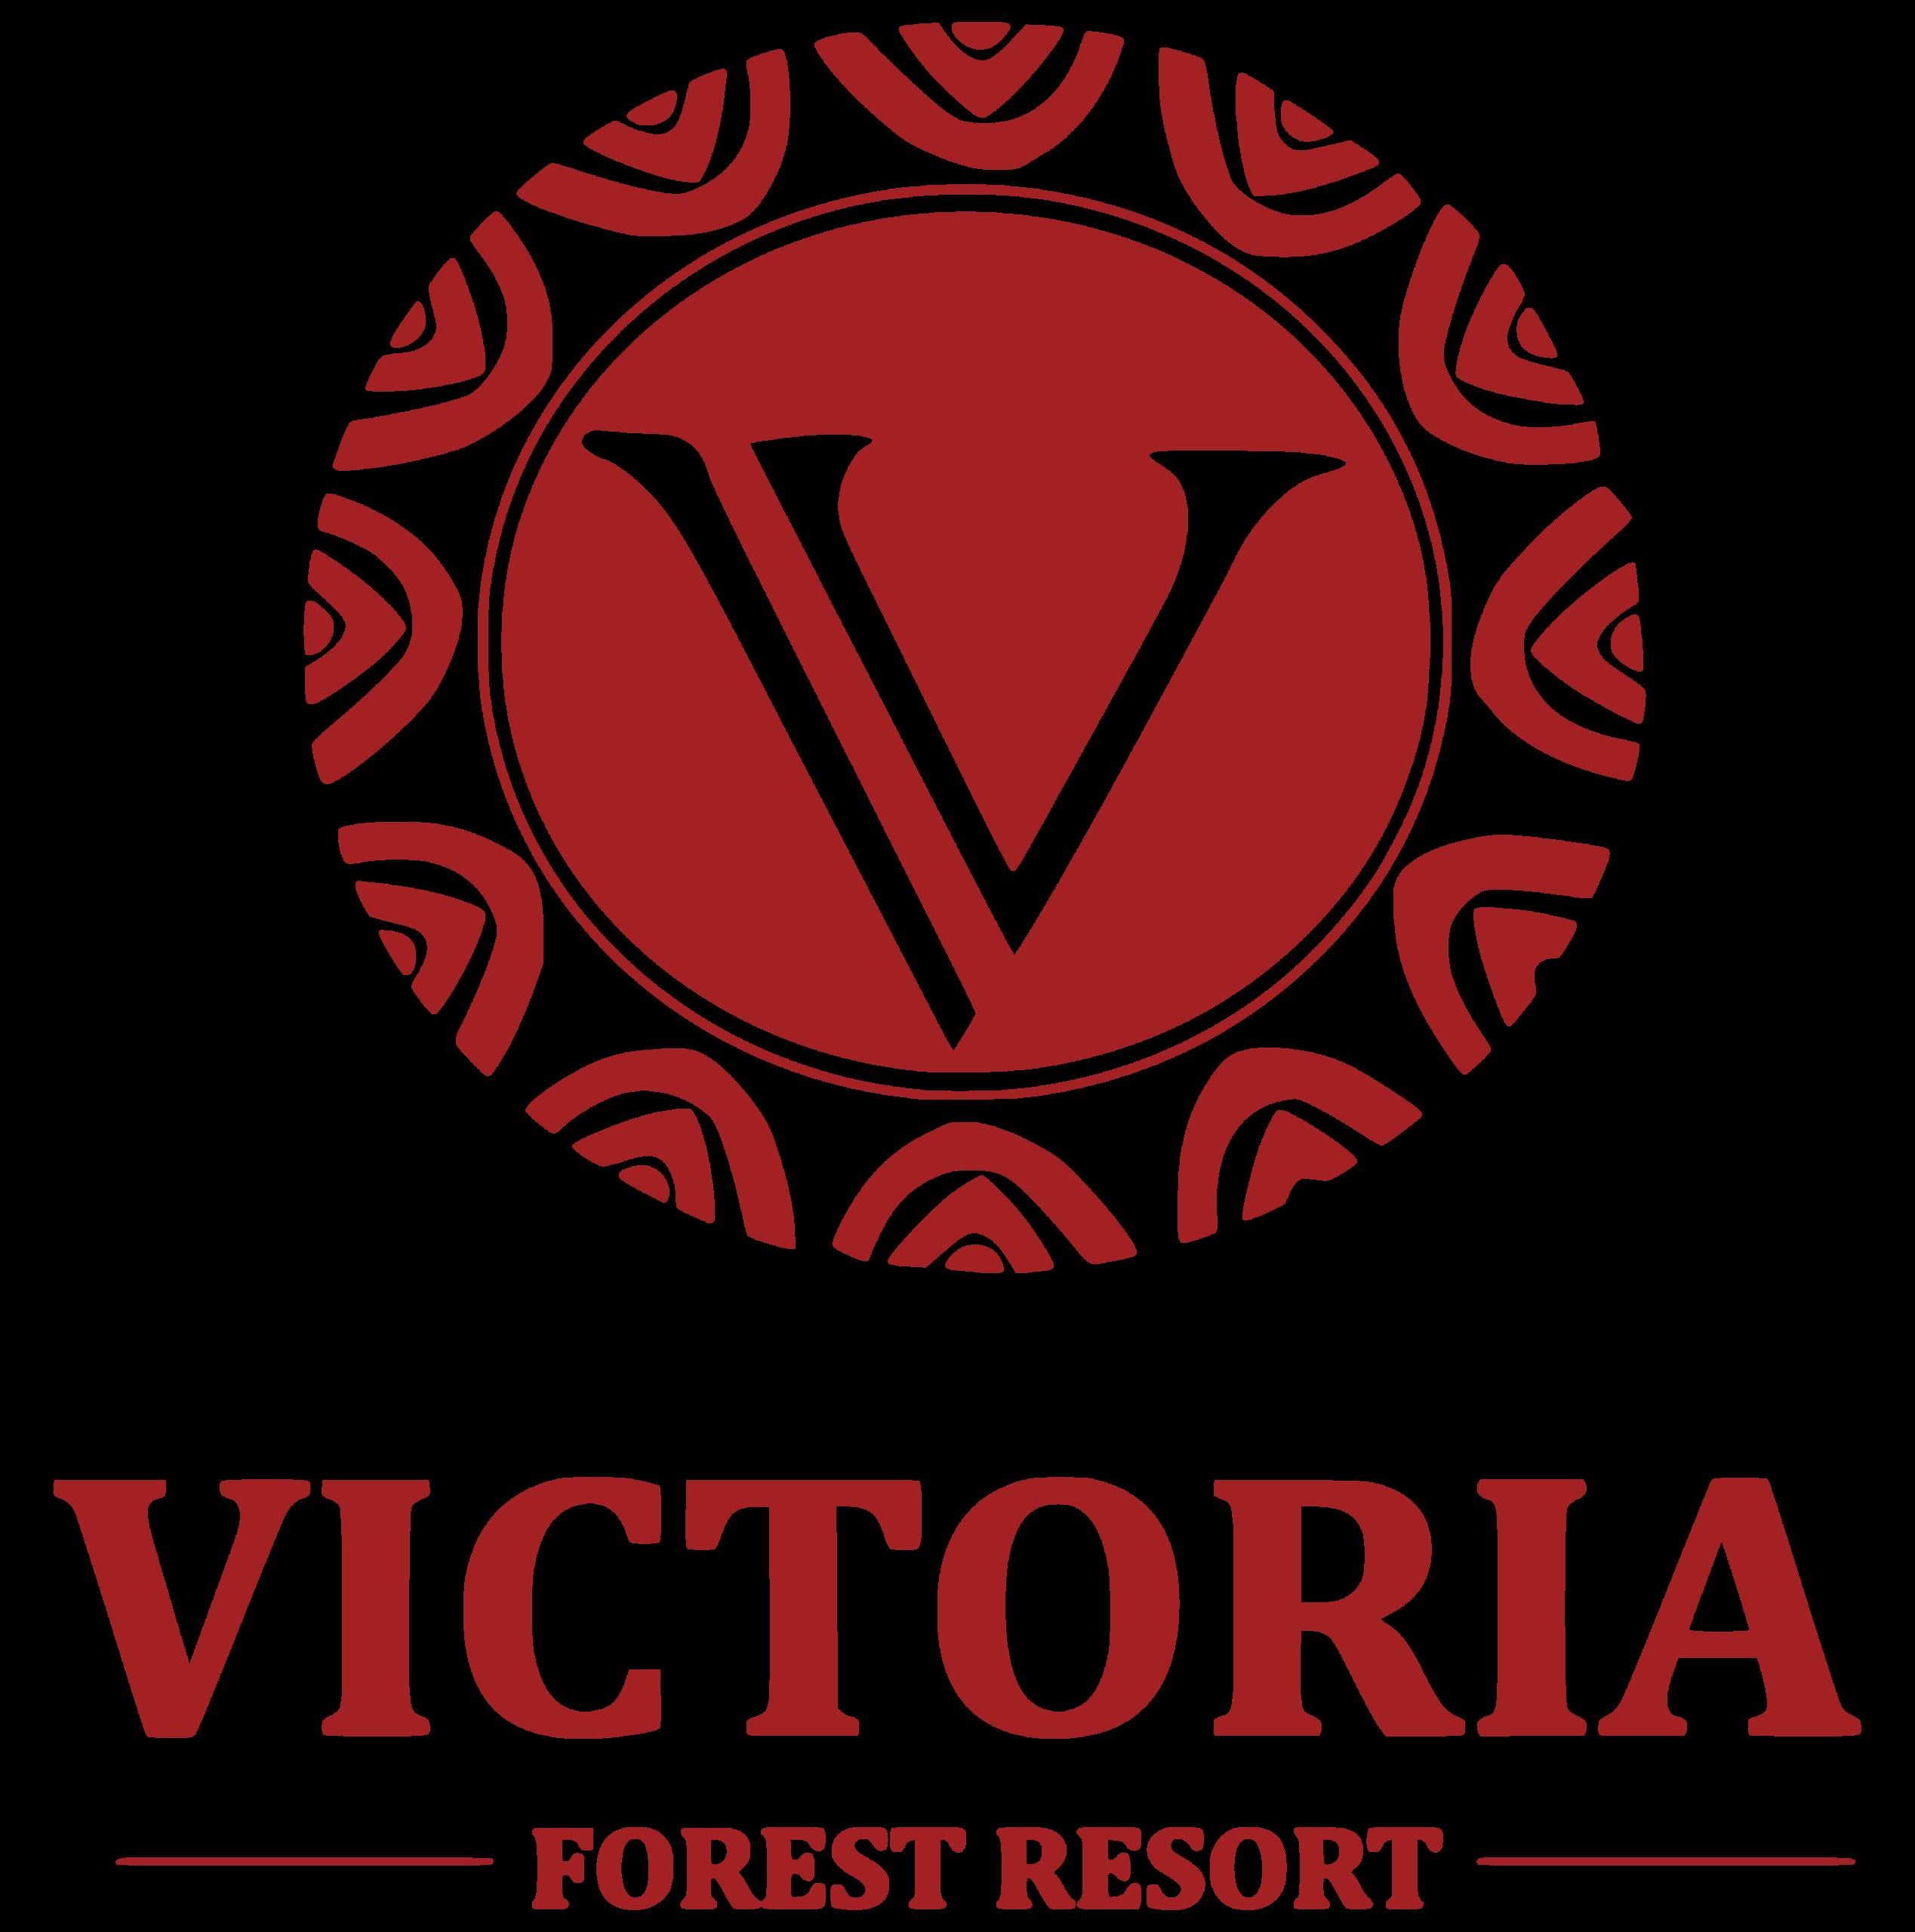 Victoria Forest Resort